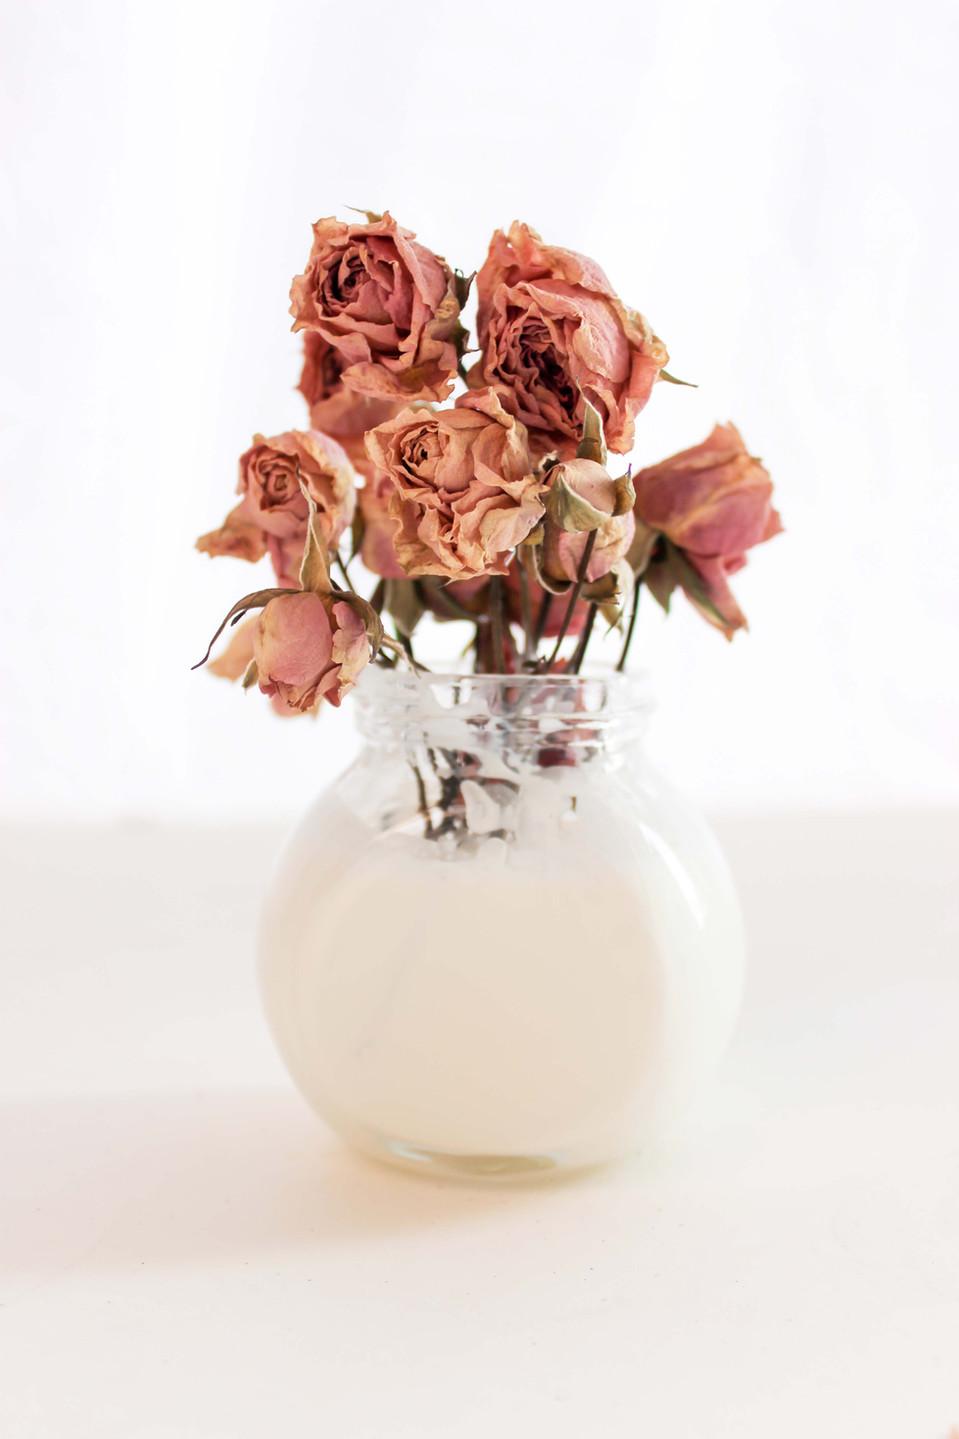 NMills-Roses.jpg